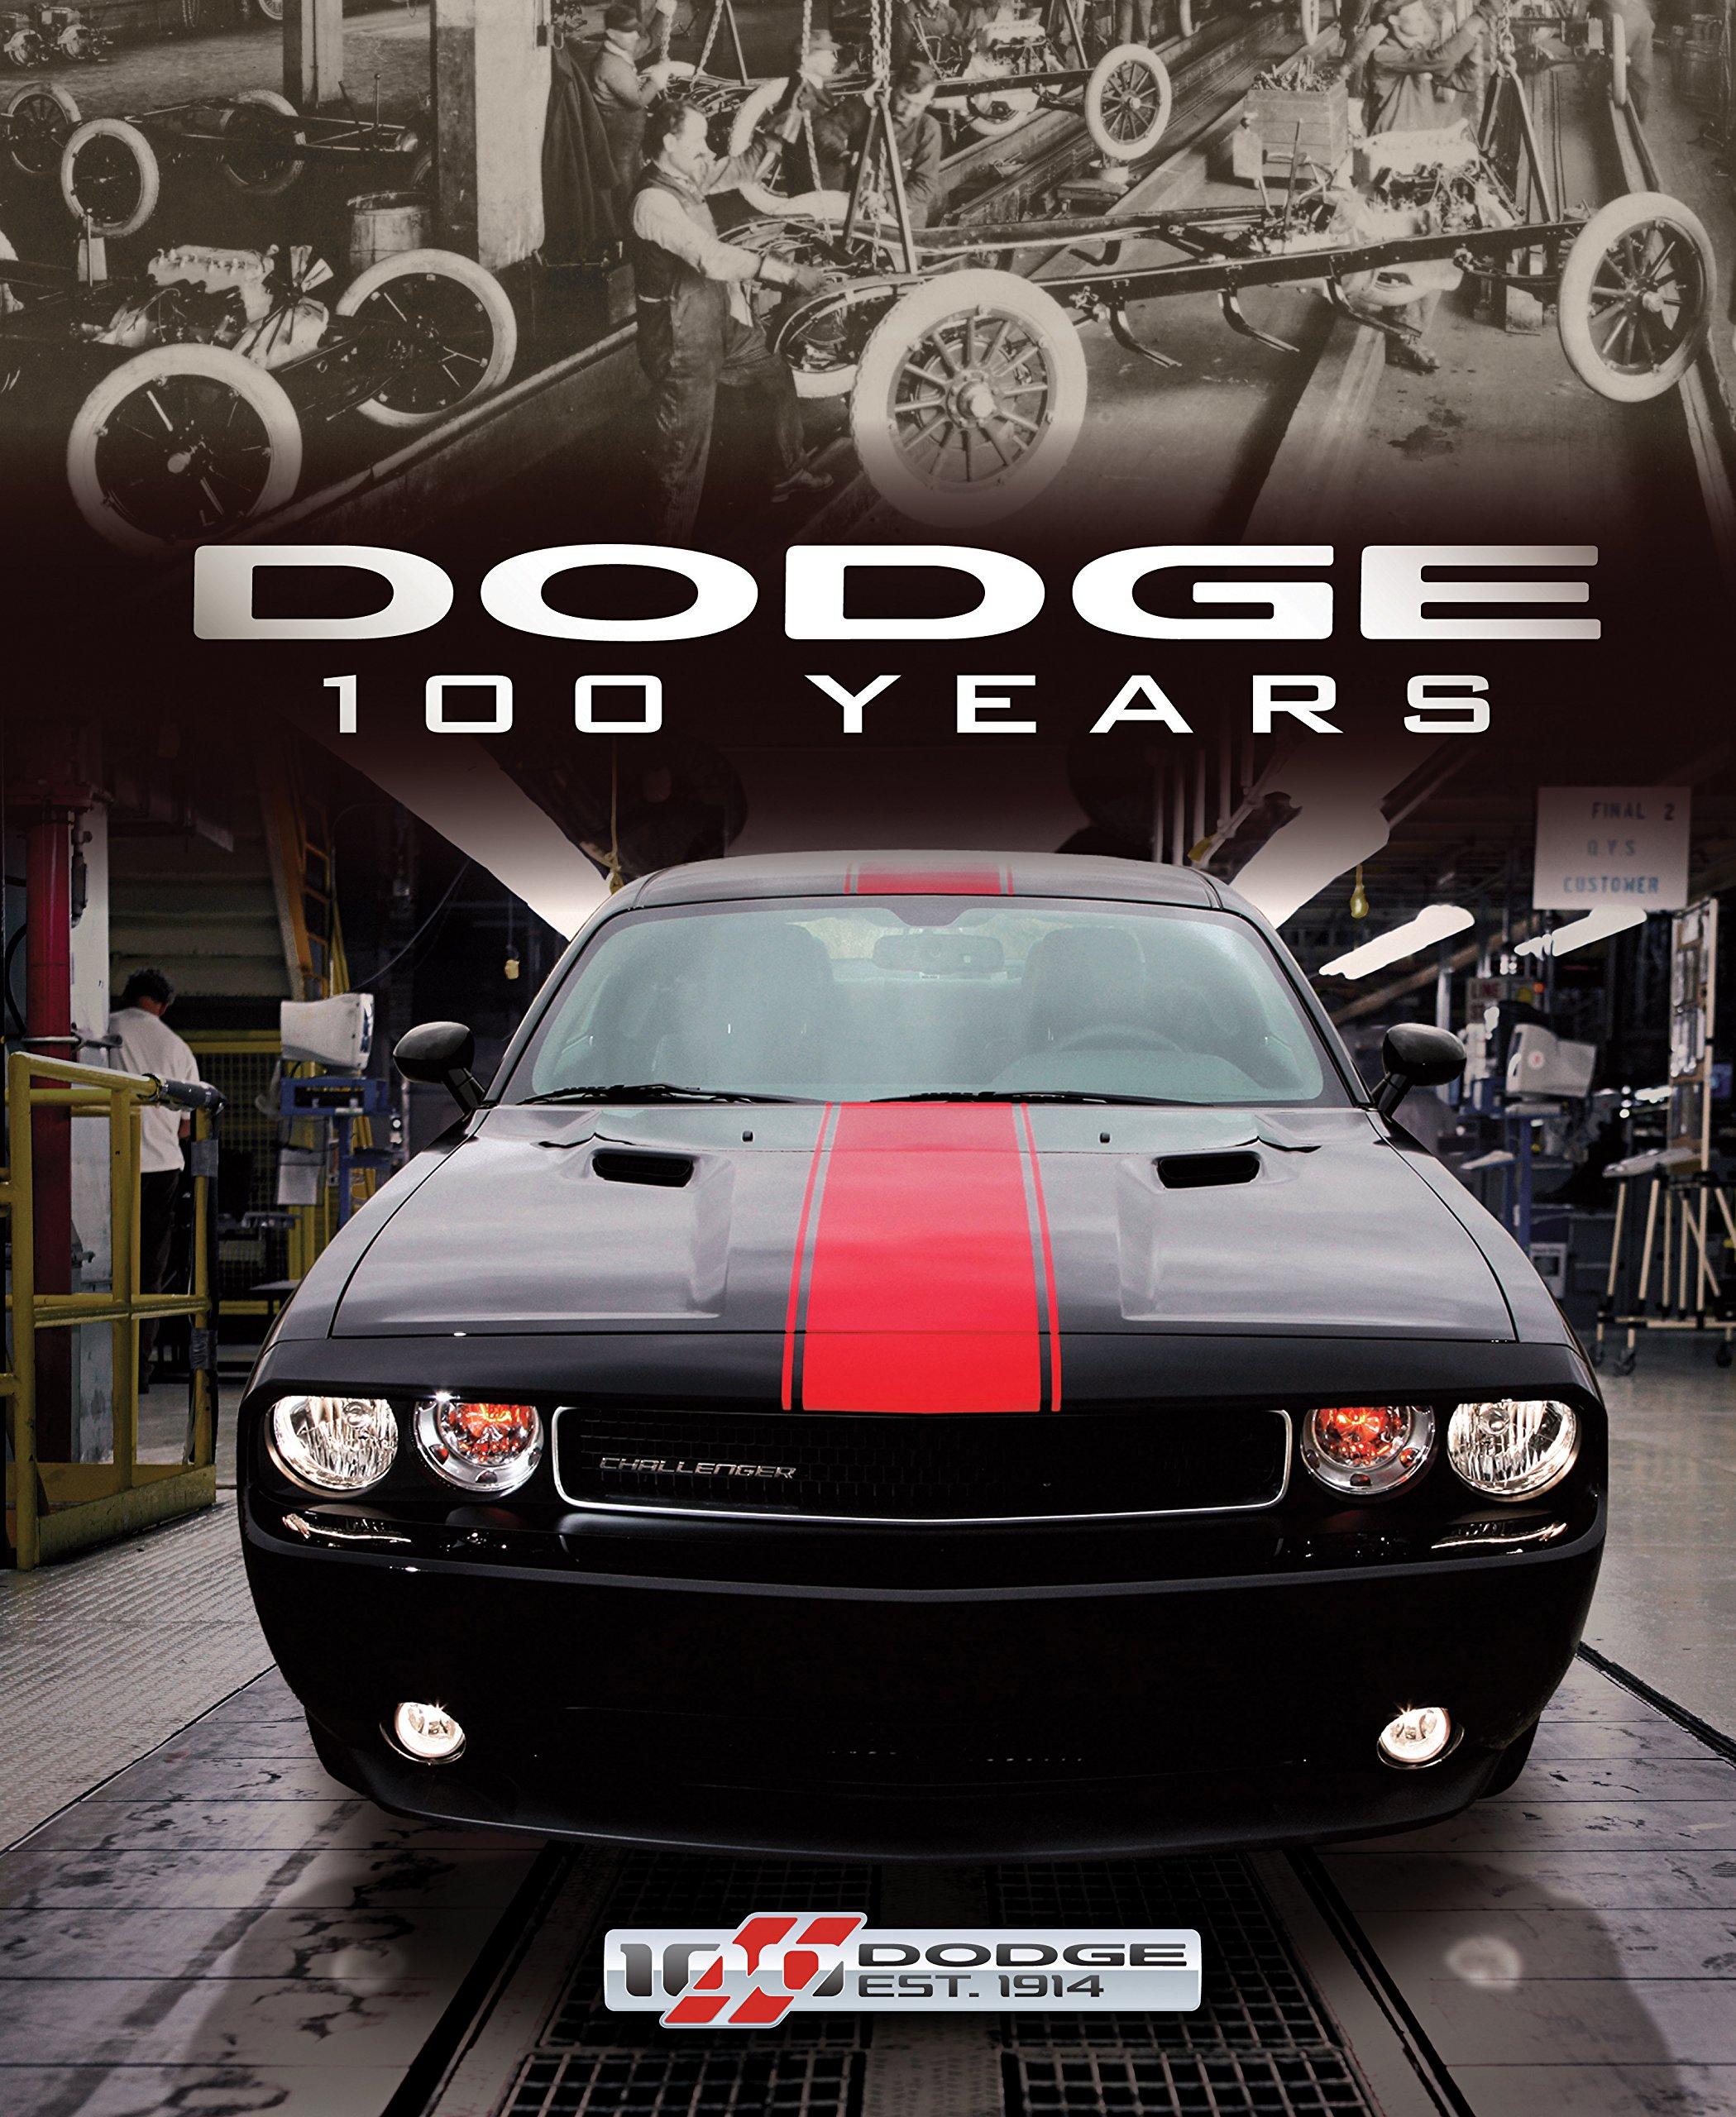 Dodge 100 Years: Matt DeLorenzo: 9780760345528: Amazon.com: Books